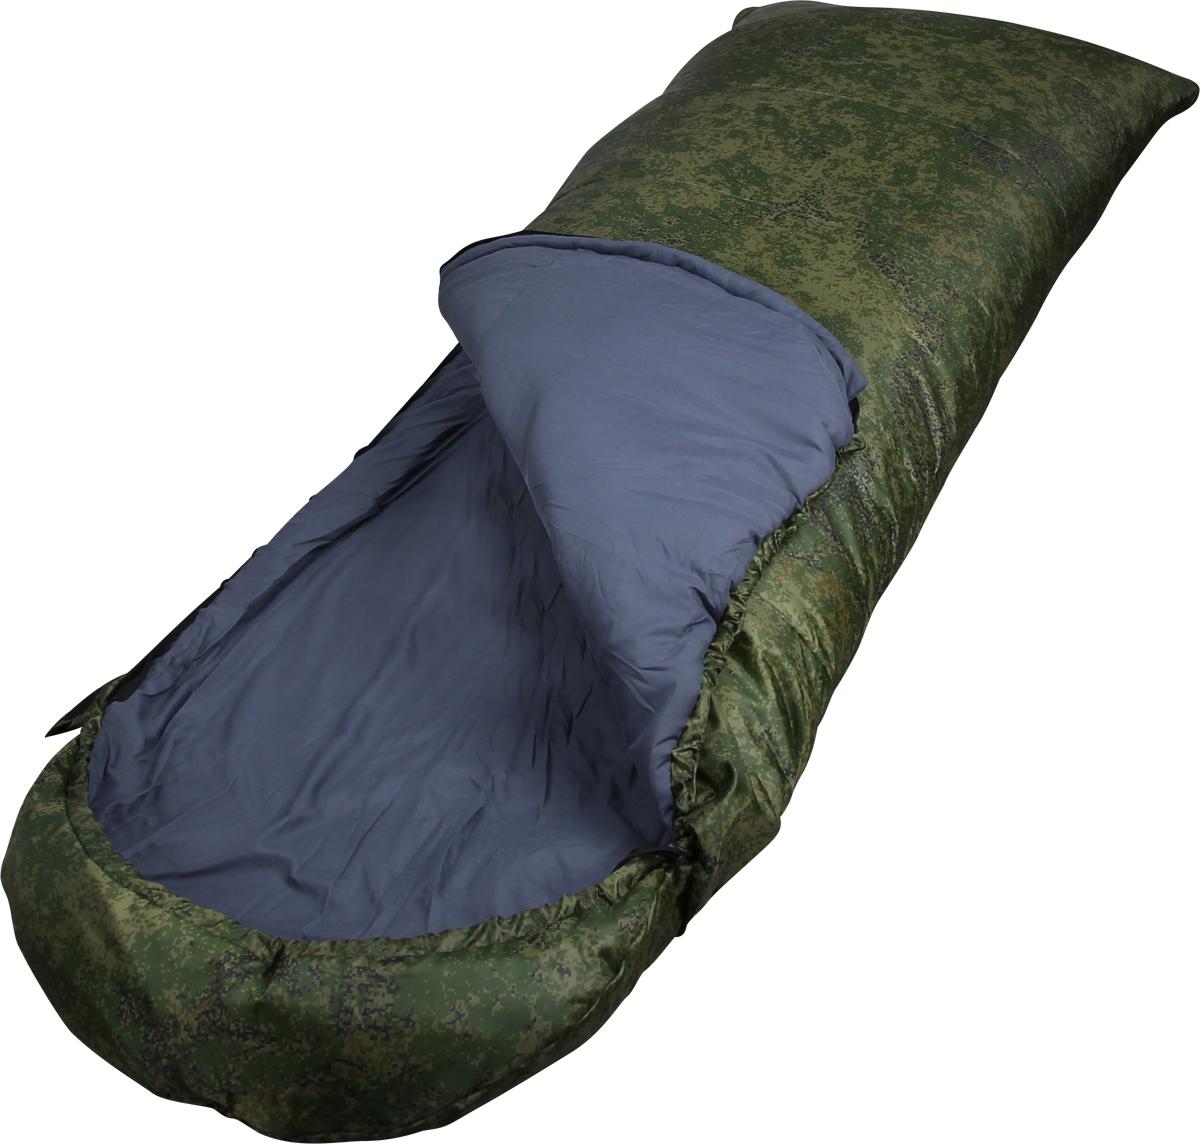 Мешок спальный Сплав Scout 3 K, правосторонняя молния, цвет: цифровая флора, 190 x 35 x 80 см